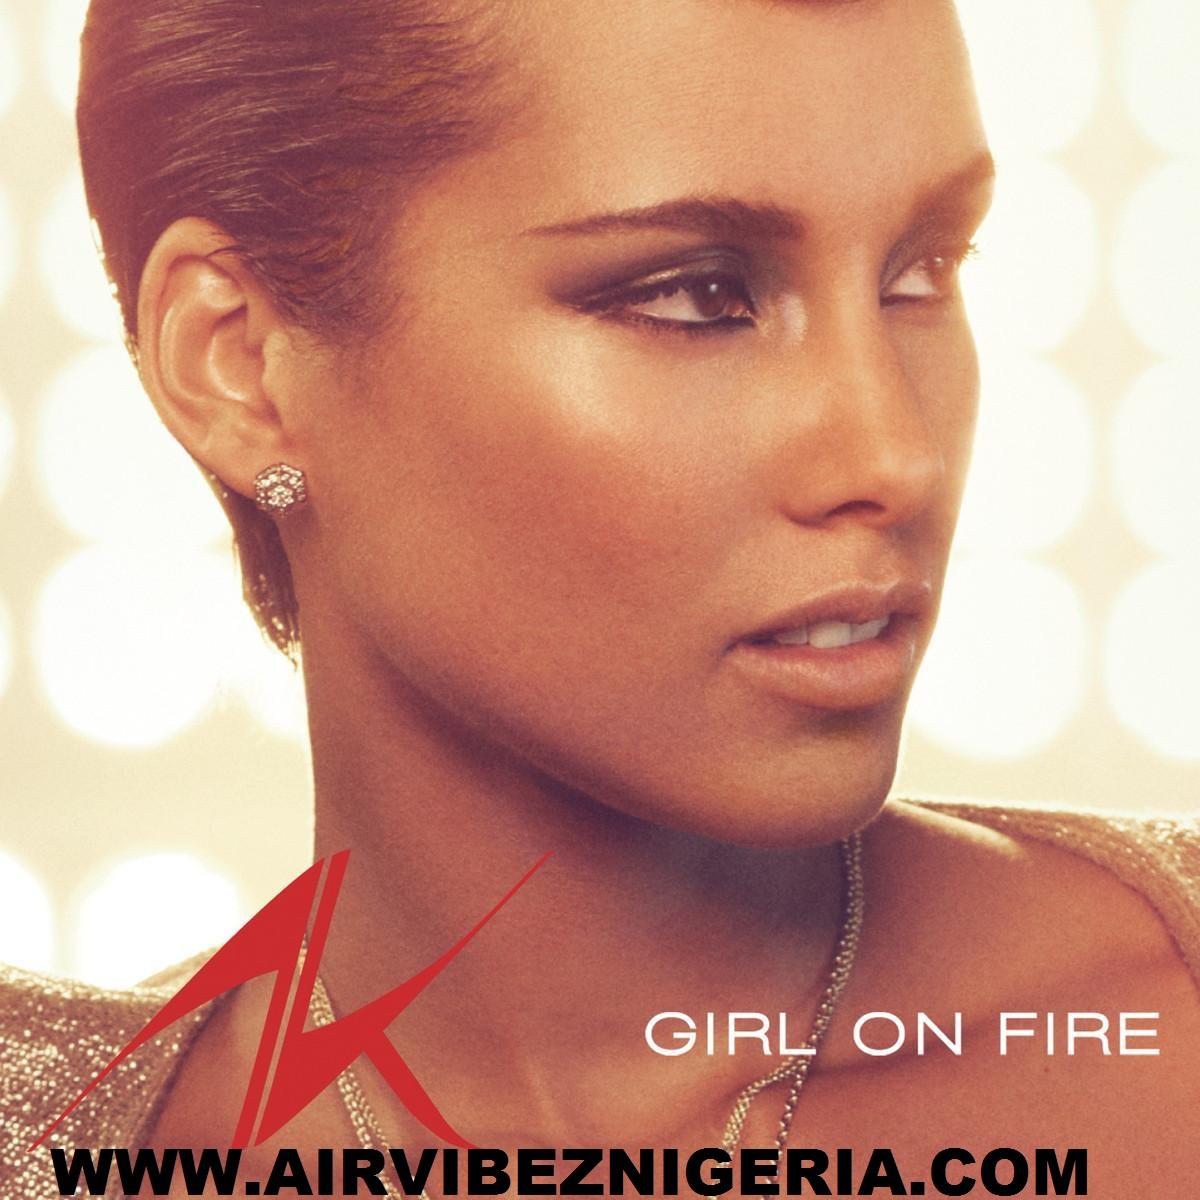 http://3.bp.blogspot.com/-GcE3yeBiCfk/UEWrWP29EdI/AAAAAAAABdA/w6yWjDGBqUk/s1600/girlonfireoriginal.jpg